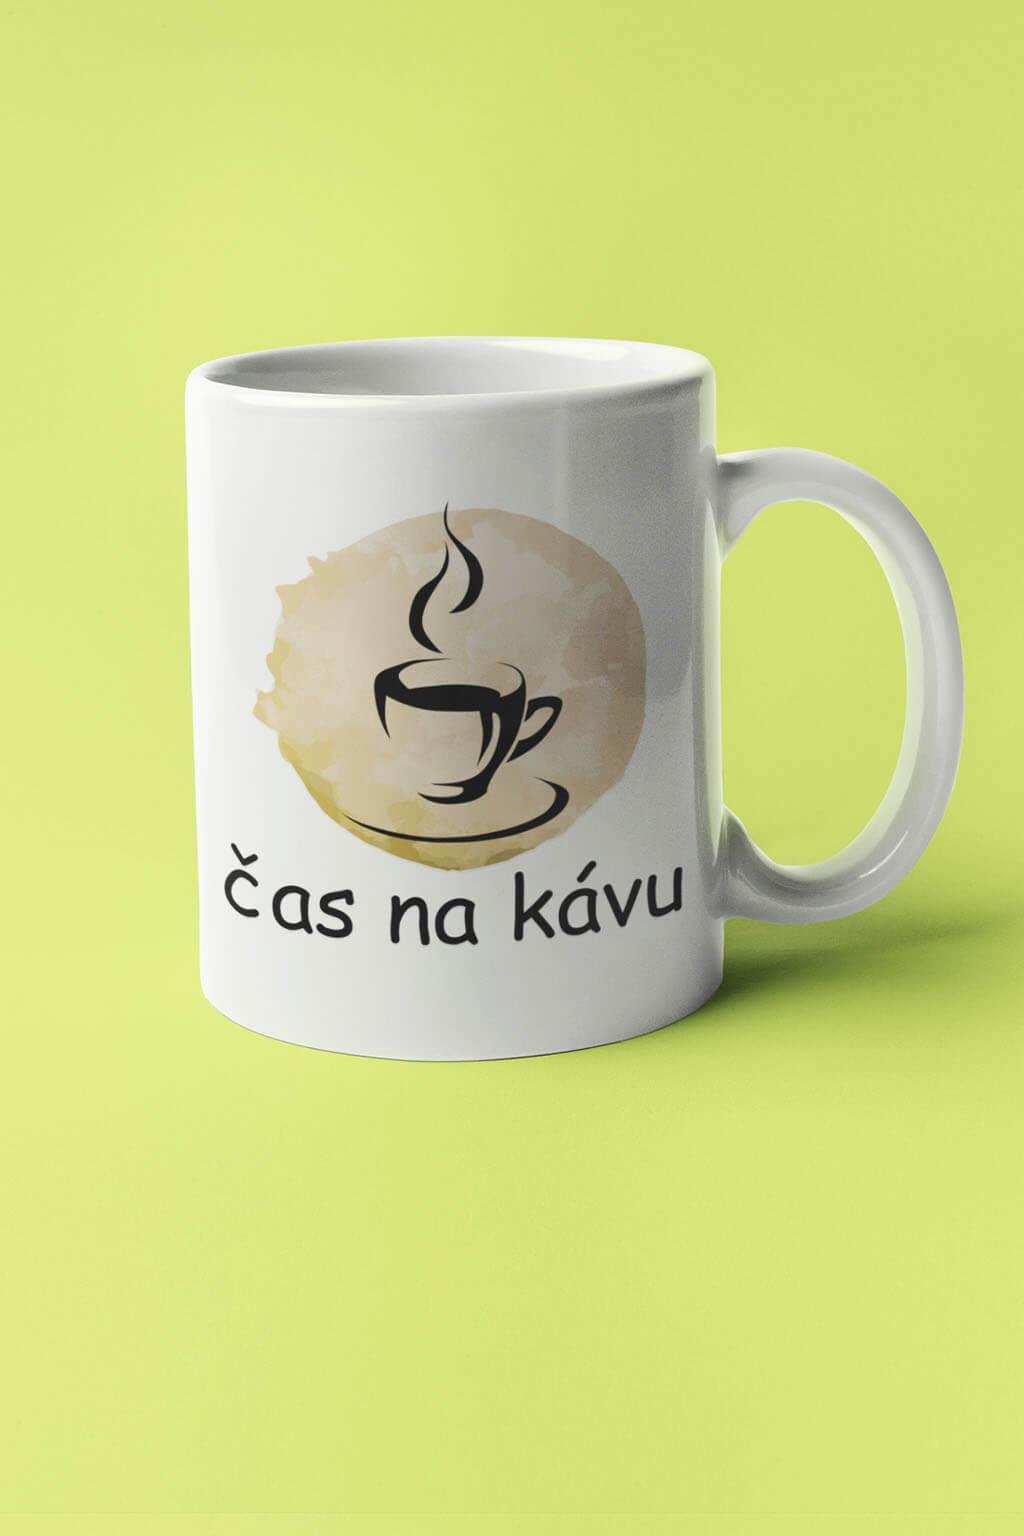 MMO Šálka čas na kávu Farba šálky: Biela